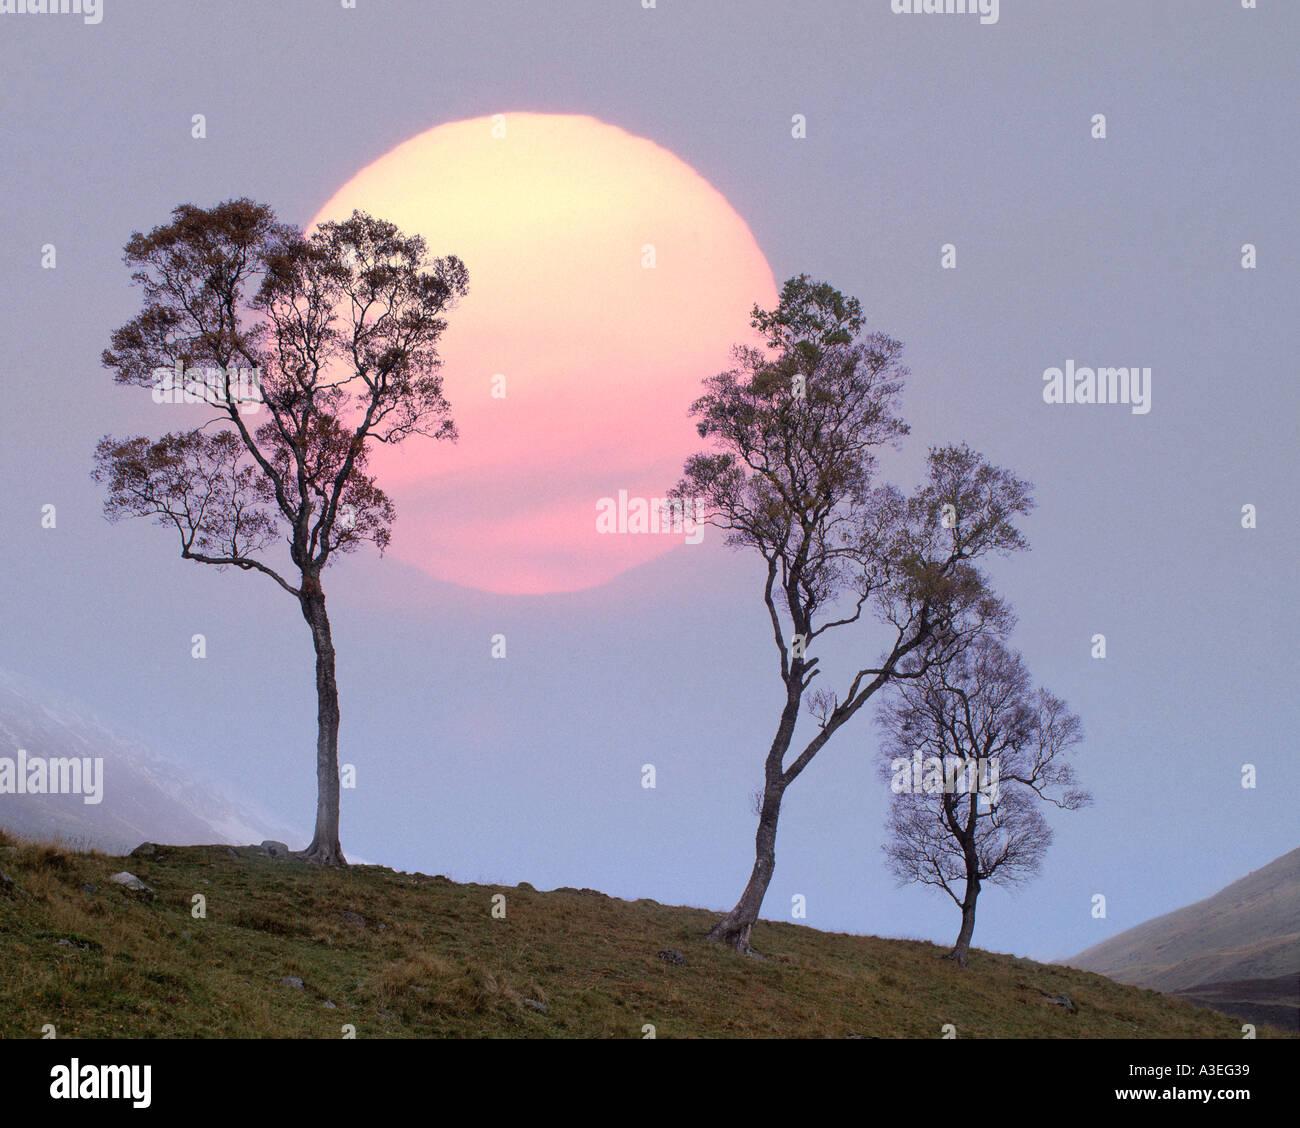 GB - SCOTLAND: Winter Sunset at Glen Lochsie - Stock Image